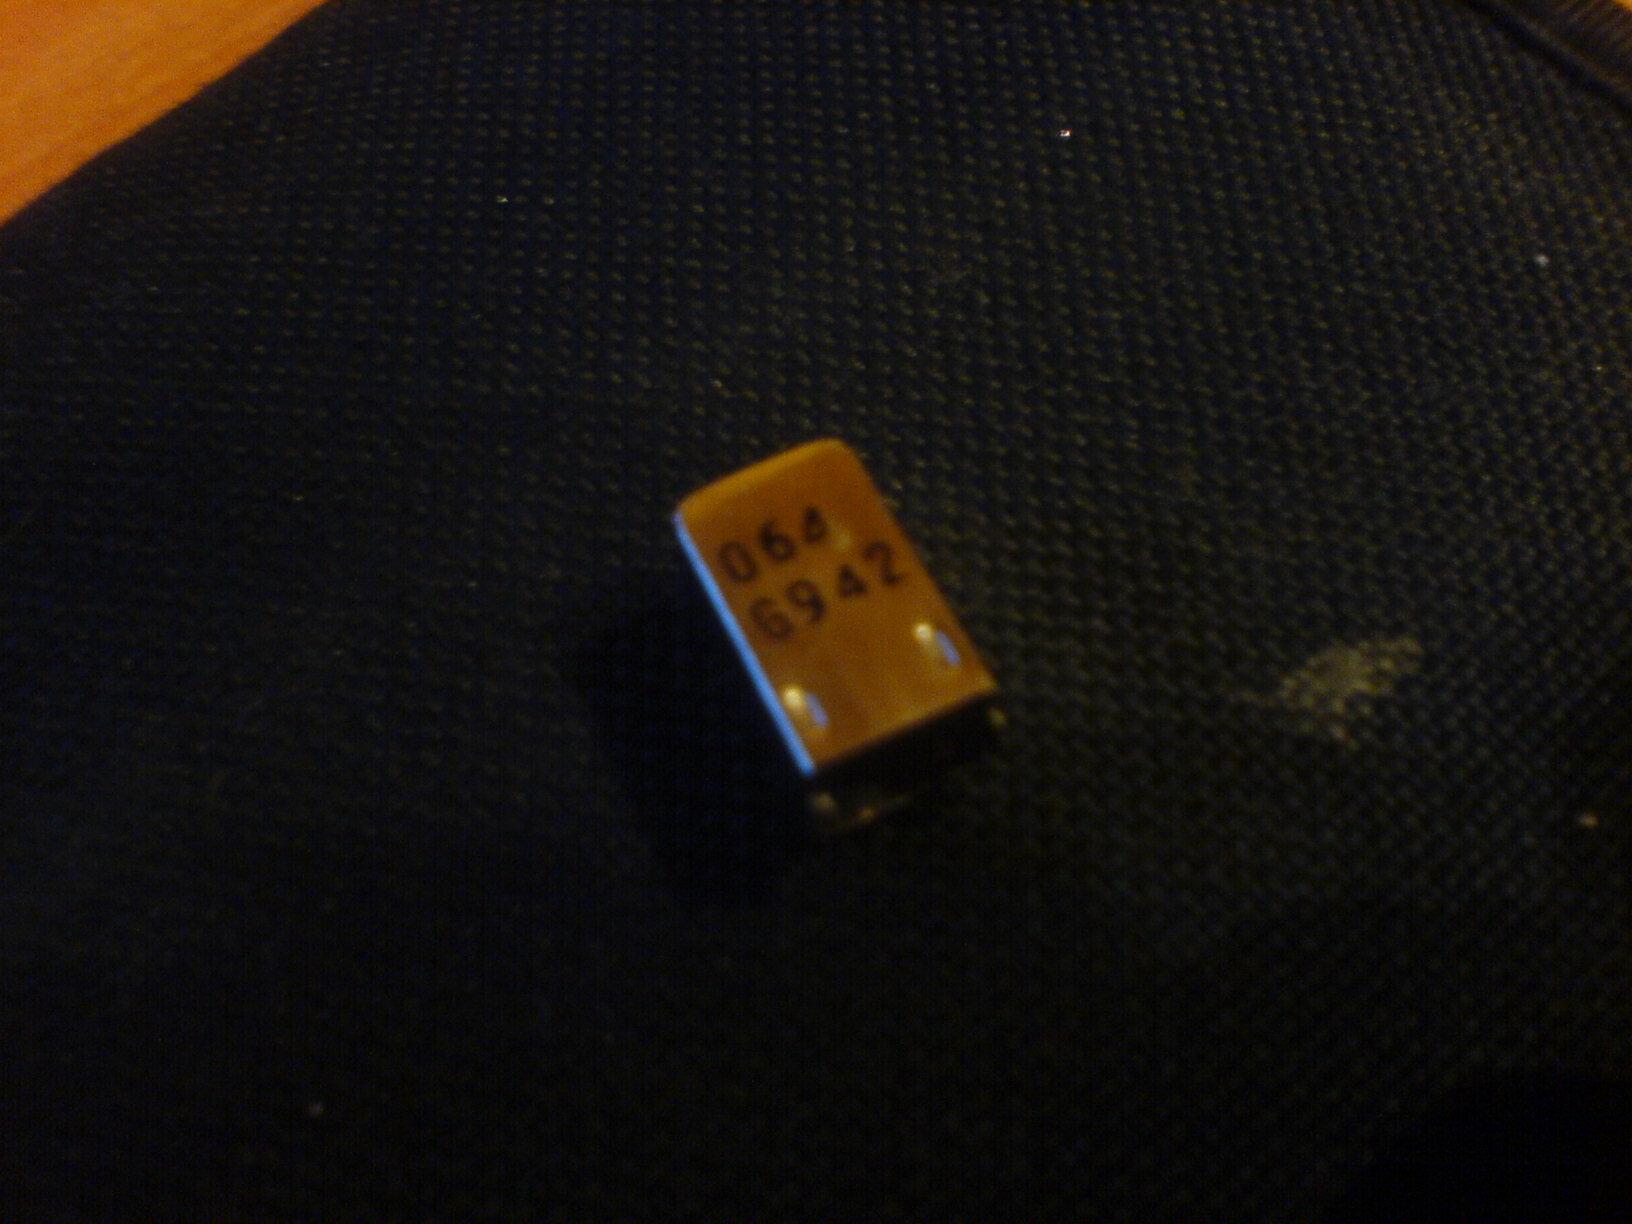 Filtr 7x7 niestandardowe oznaczenie